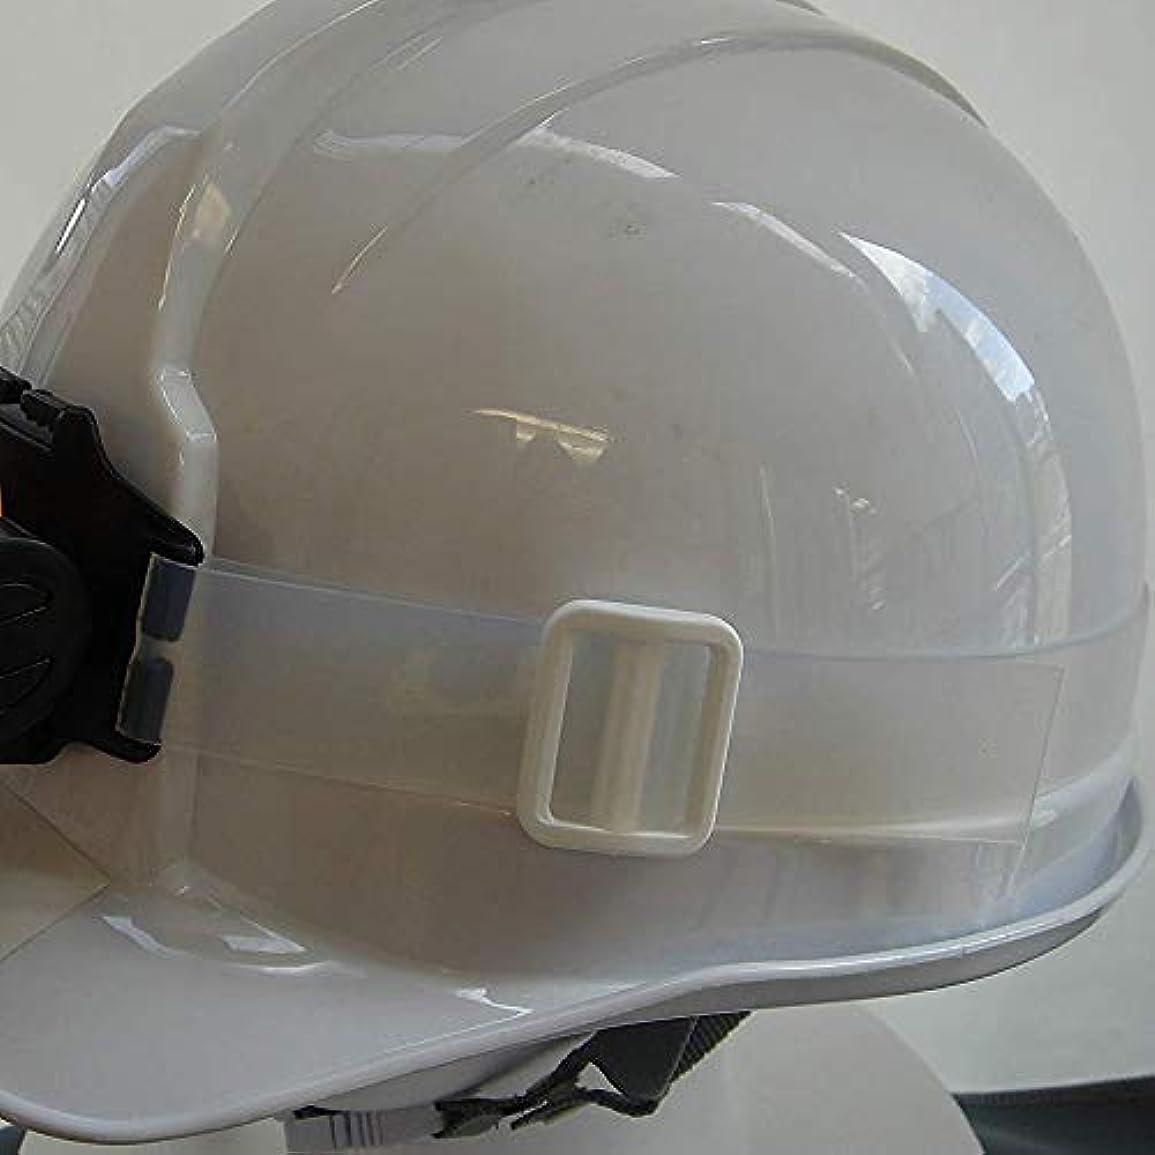 に賛成物質強度シリコンゴムバンドヘッドランプ用 ゴーグル用 耐久性が強い上に軽く高品質 幅20mm